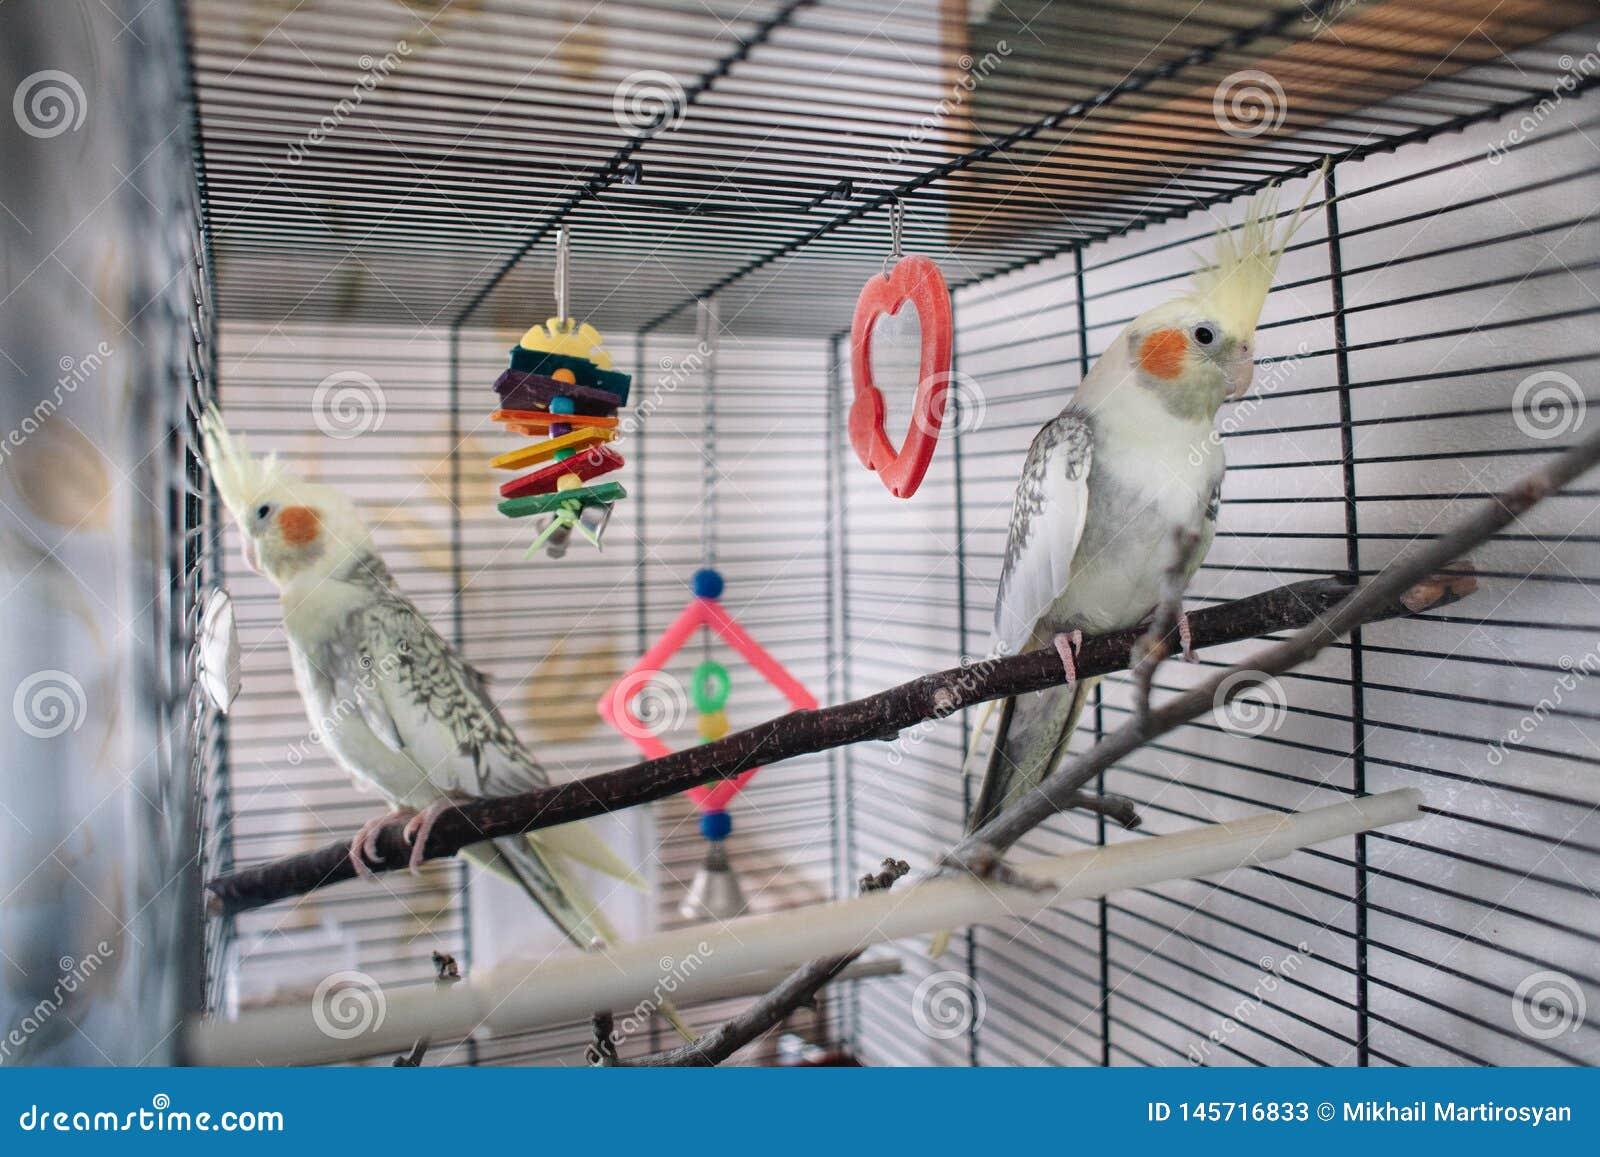 Ένας όμορφος άσπρος παπαγάλος ζευγαριού σε ένα κλουβί